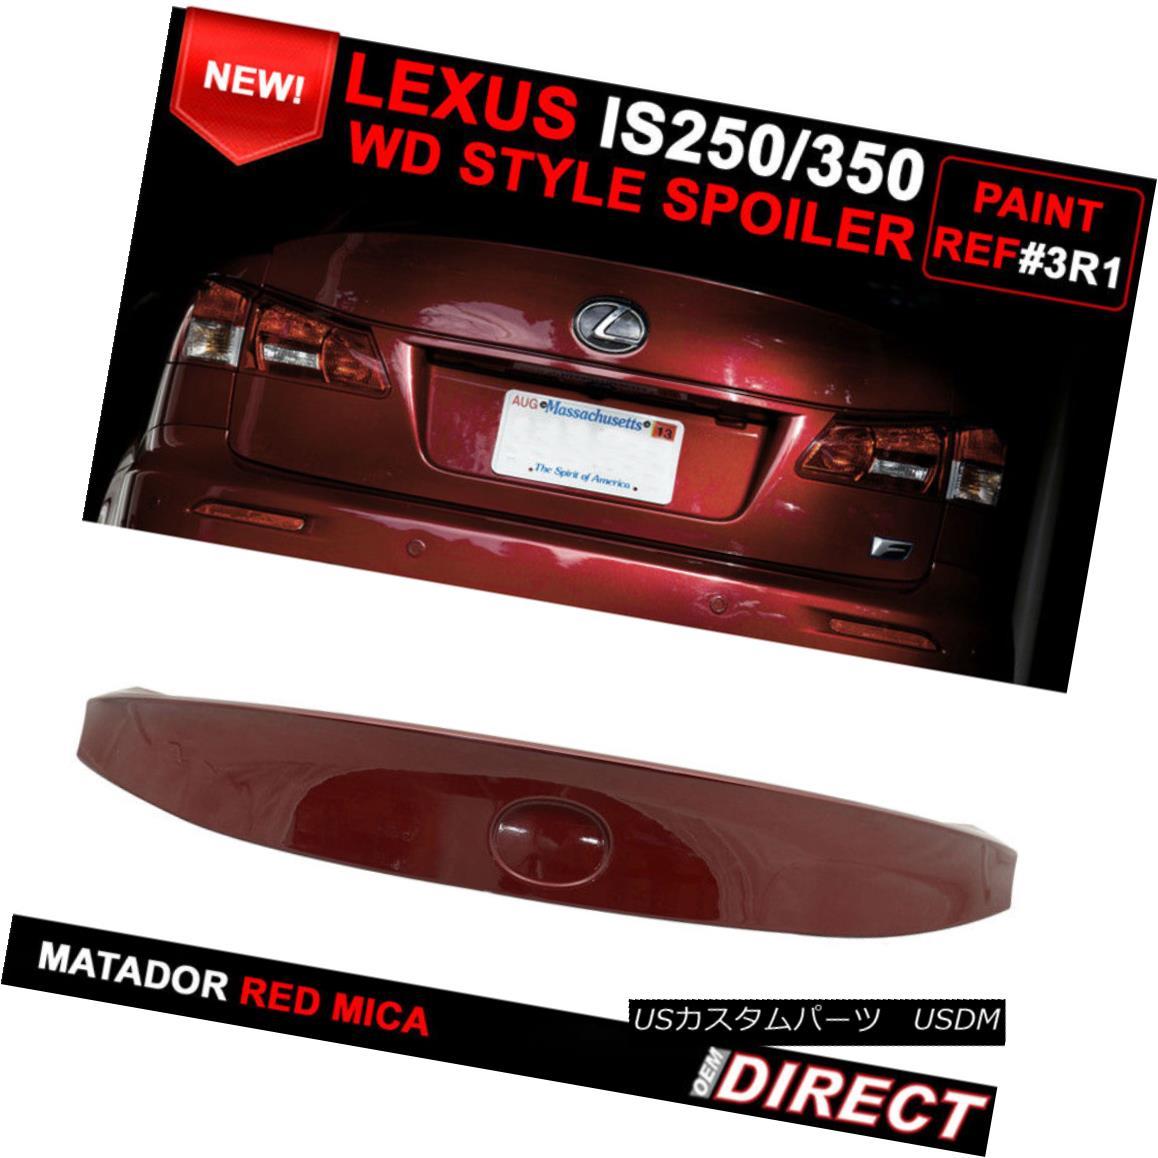 エアロパーツ For 06-13 Lexus Is250 350 IK Style Trunk Spoiler - Painted Matador Red Mica #3R1 06-13レクサスIs250 350 IKスタイルトランクスポイラー - ペイントマタドールレッドマイカ#3R1